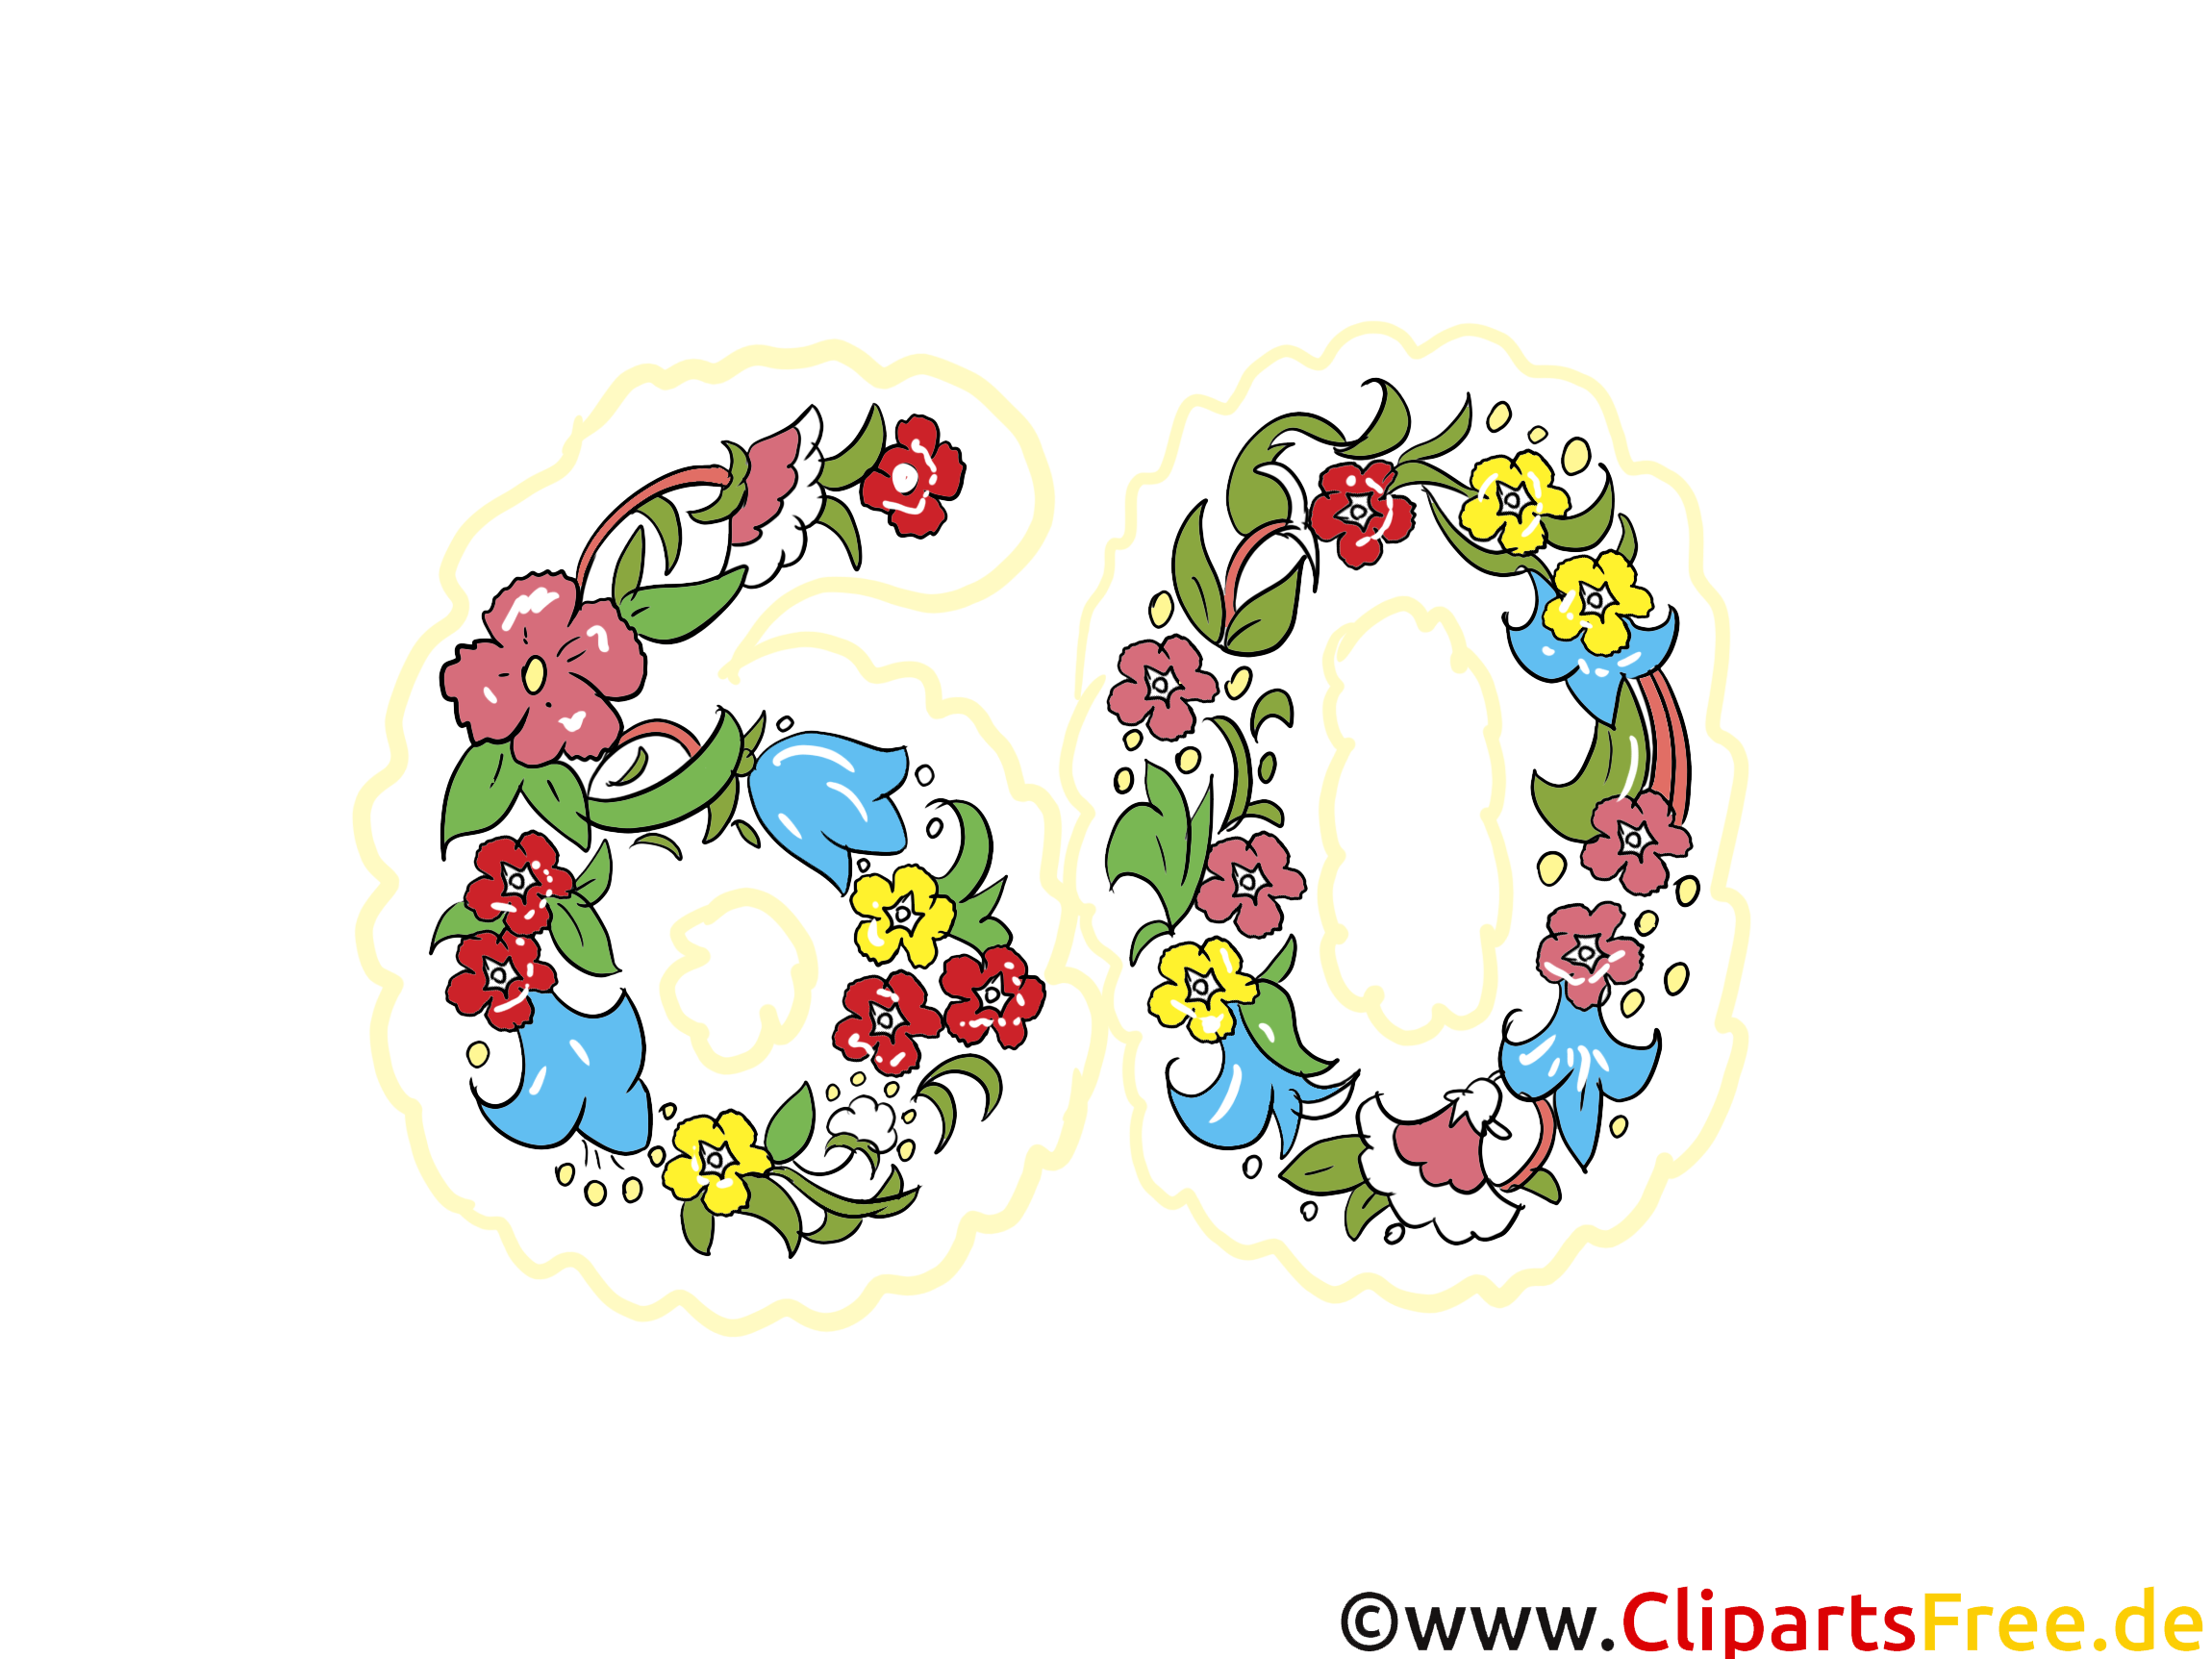 60 ans images anniversaire dessins gratuits - Dessin pour anniversaire 60 ans ...